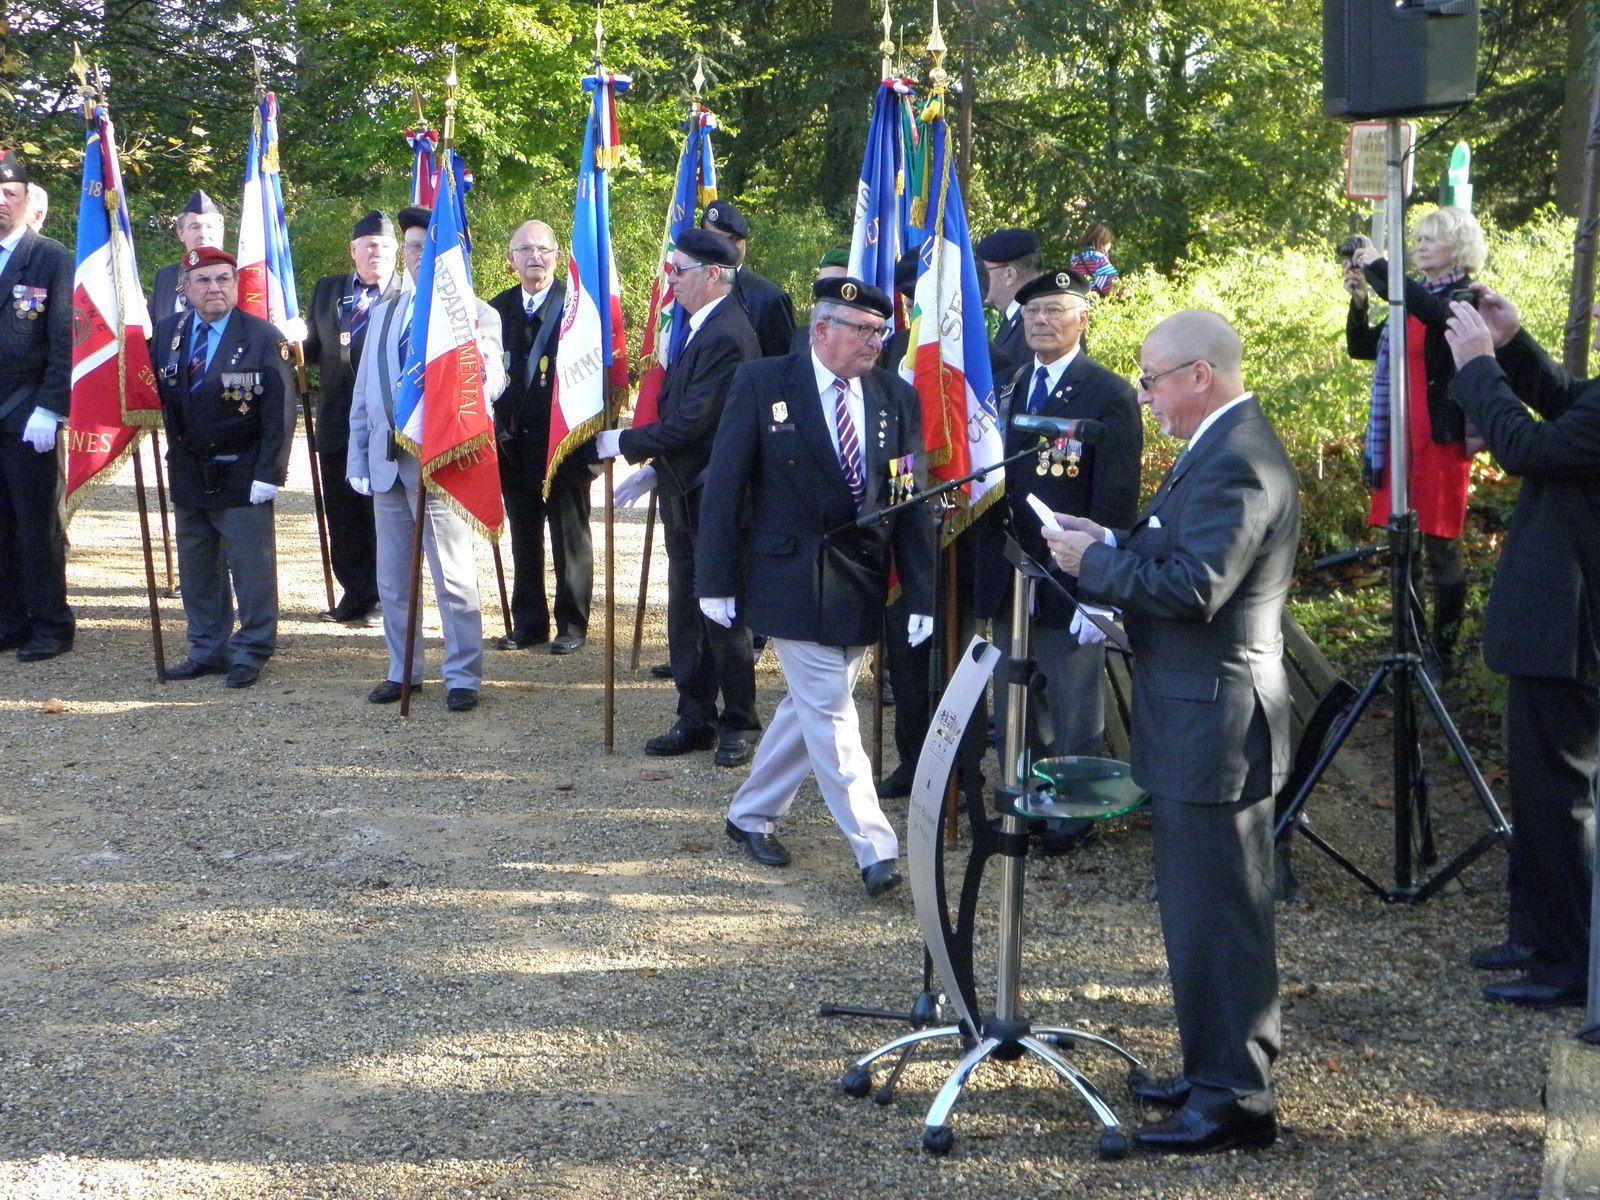 Photos Alain VALON et Myriam H-H: Le Président Roland PICAUD rendant hommage au travers de son message à tous les vétérans décédés et malades